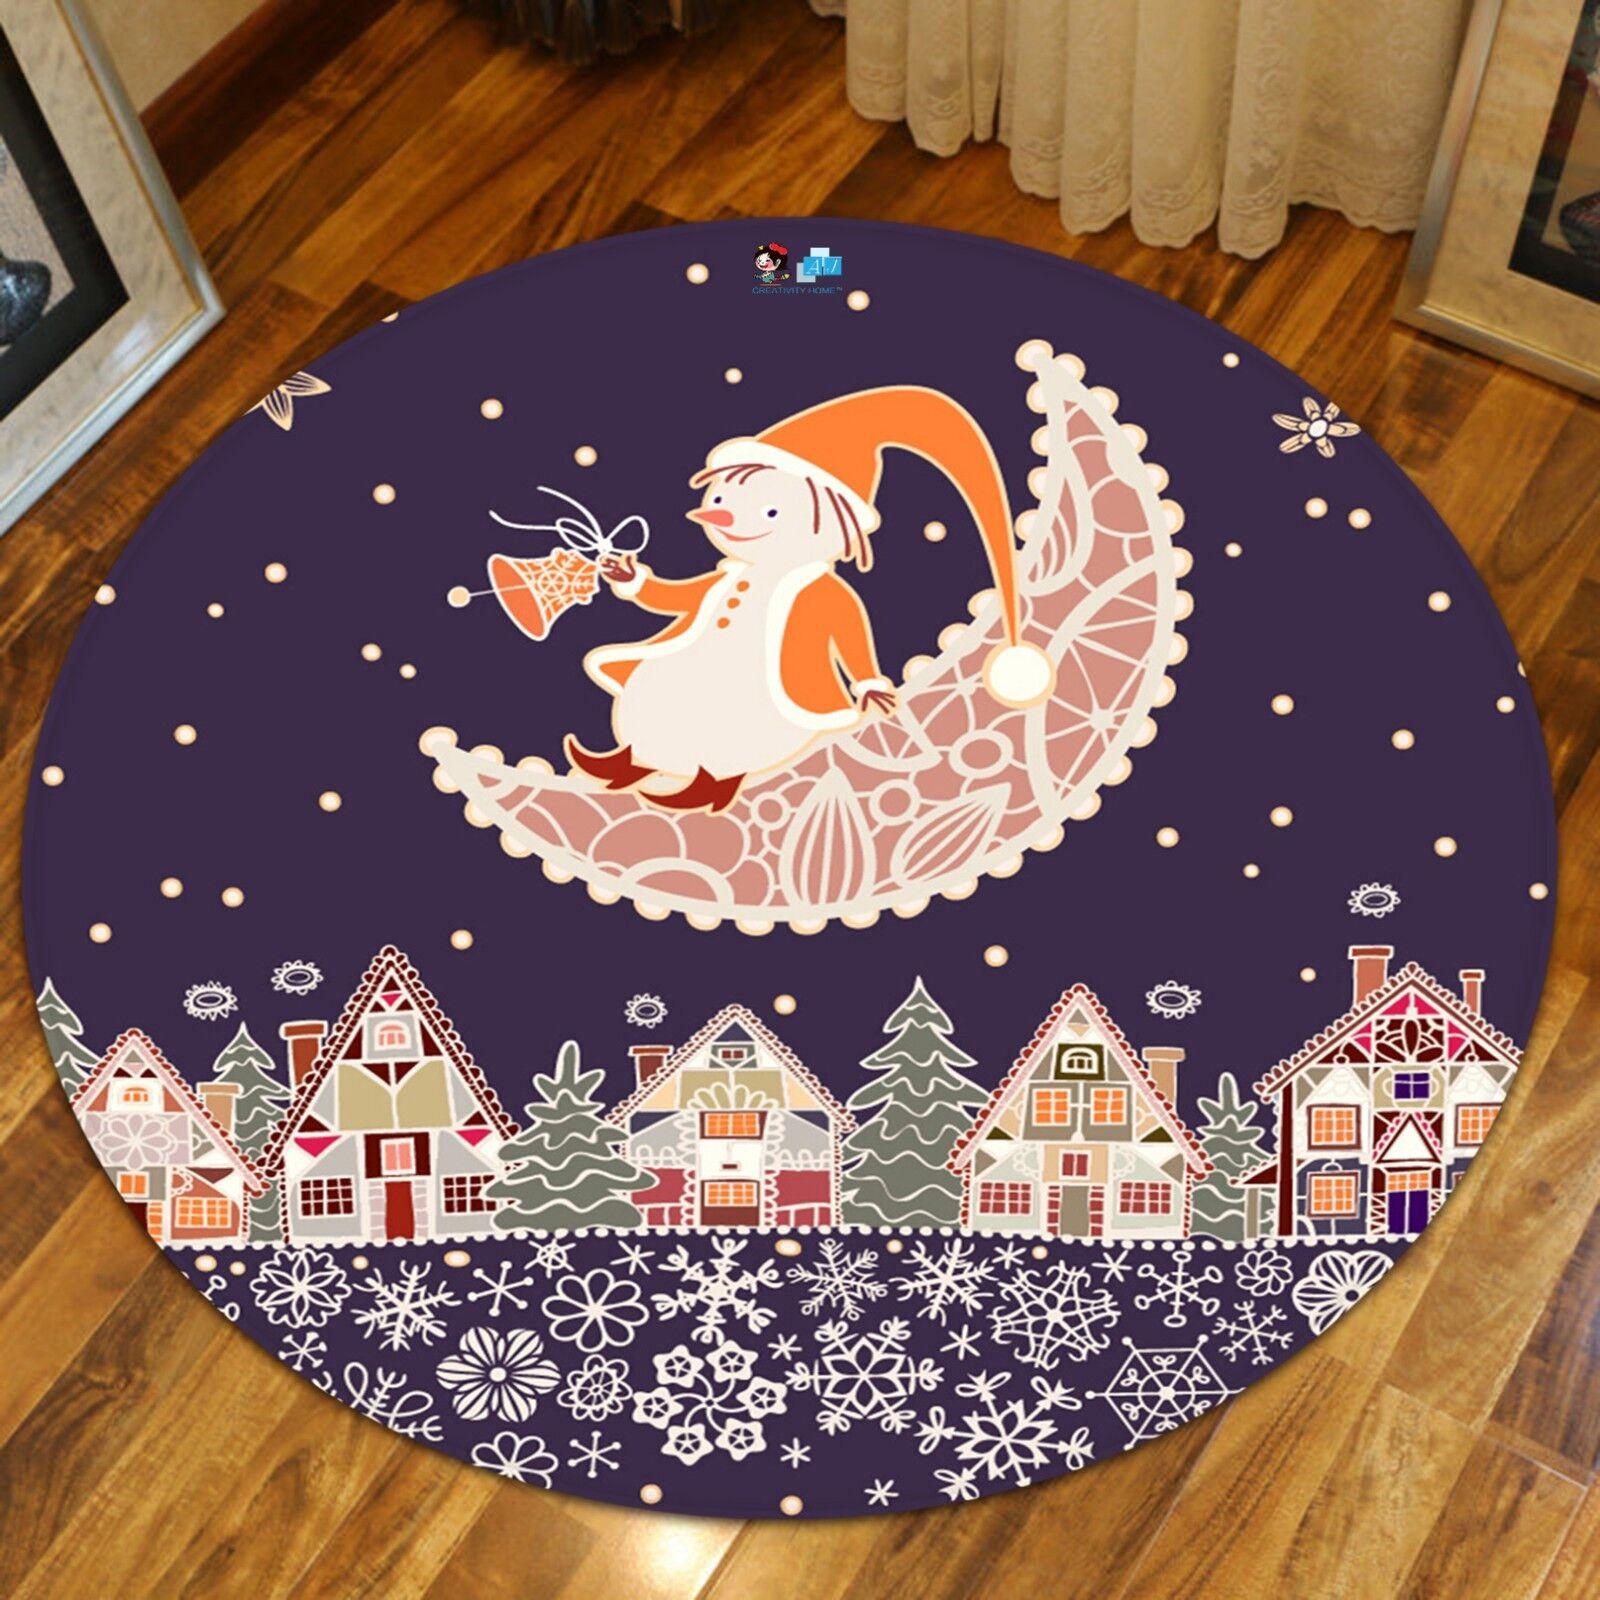 3D Natale Xmas Cartoon 123 tappetino antiscivolo tappeto camera tappetino tappeto rossoondo elegante UK